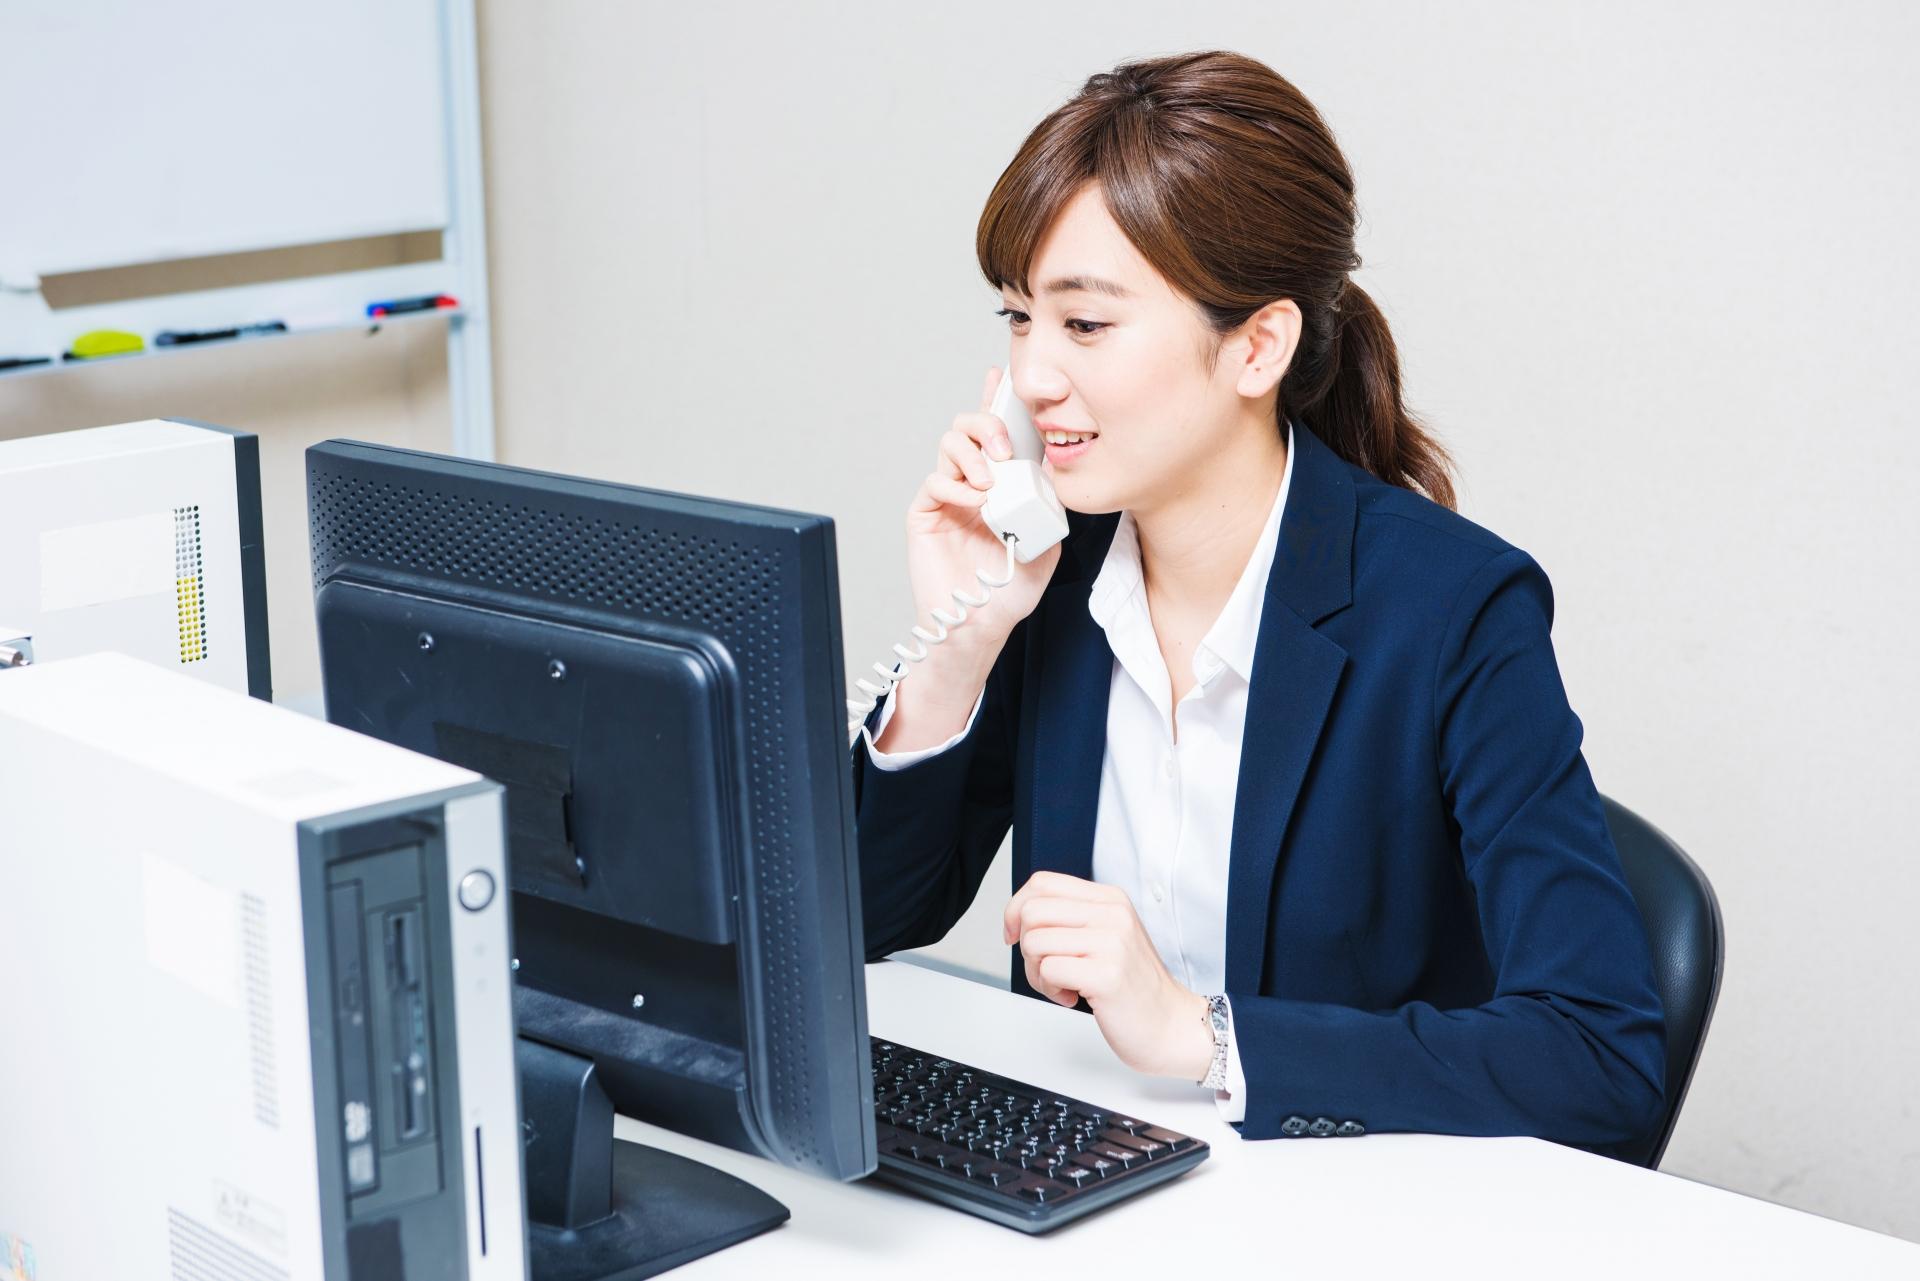 【事業承継】中小企業が取り組む際の手順や注意点、費用相場について紹介